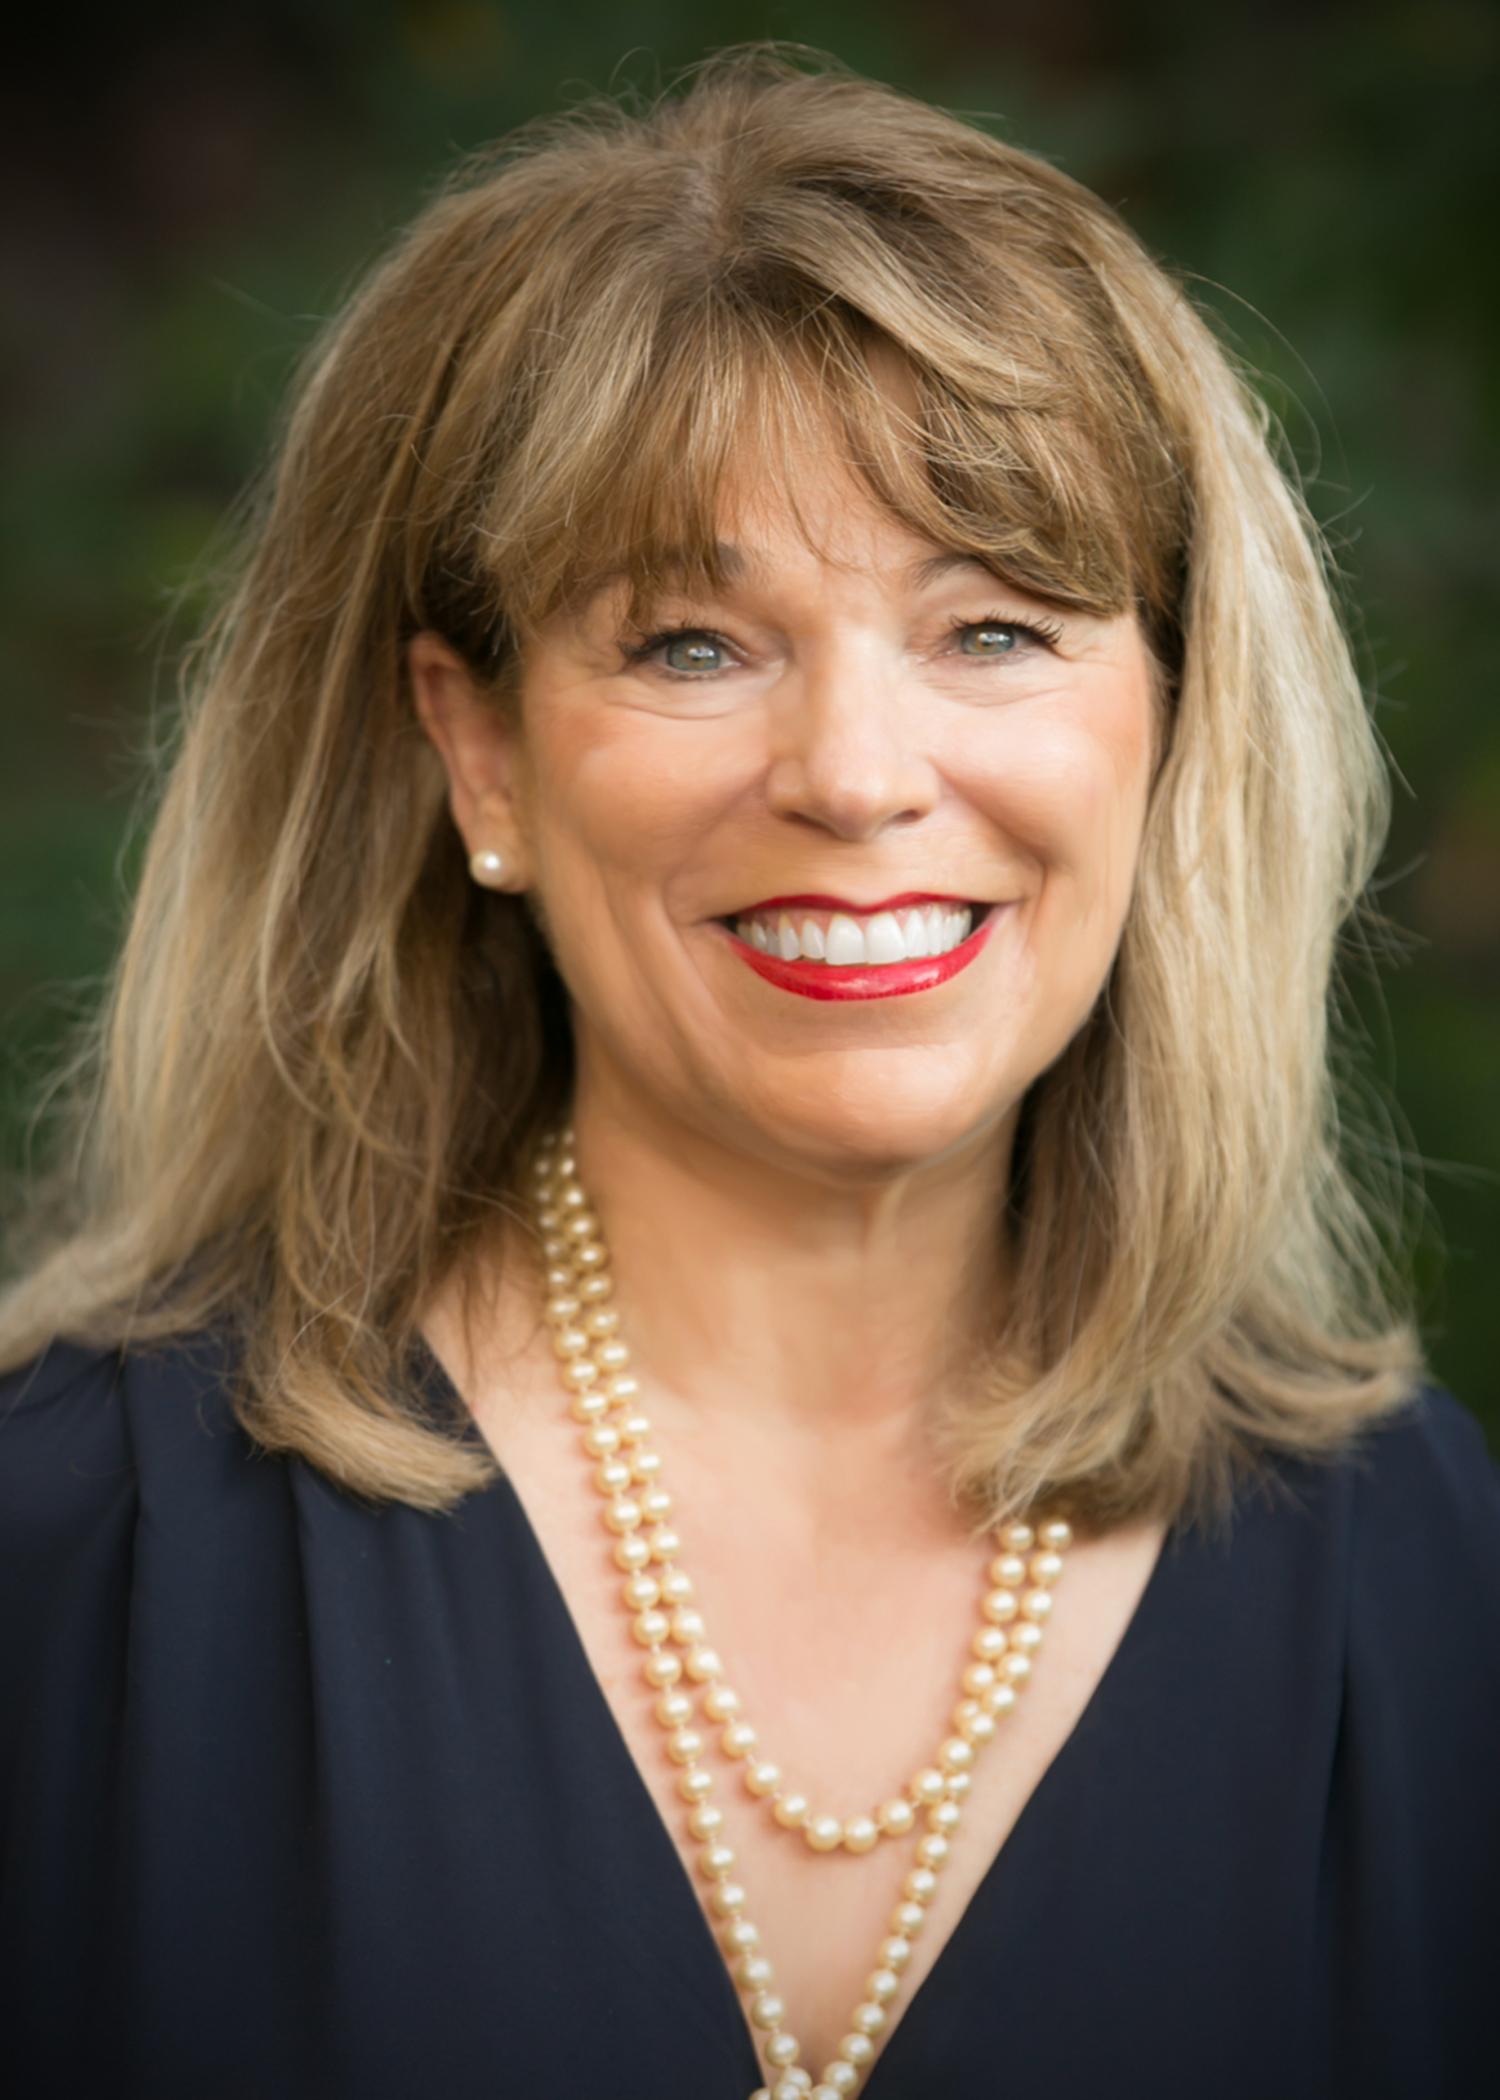 Karen Guarisco